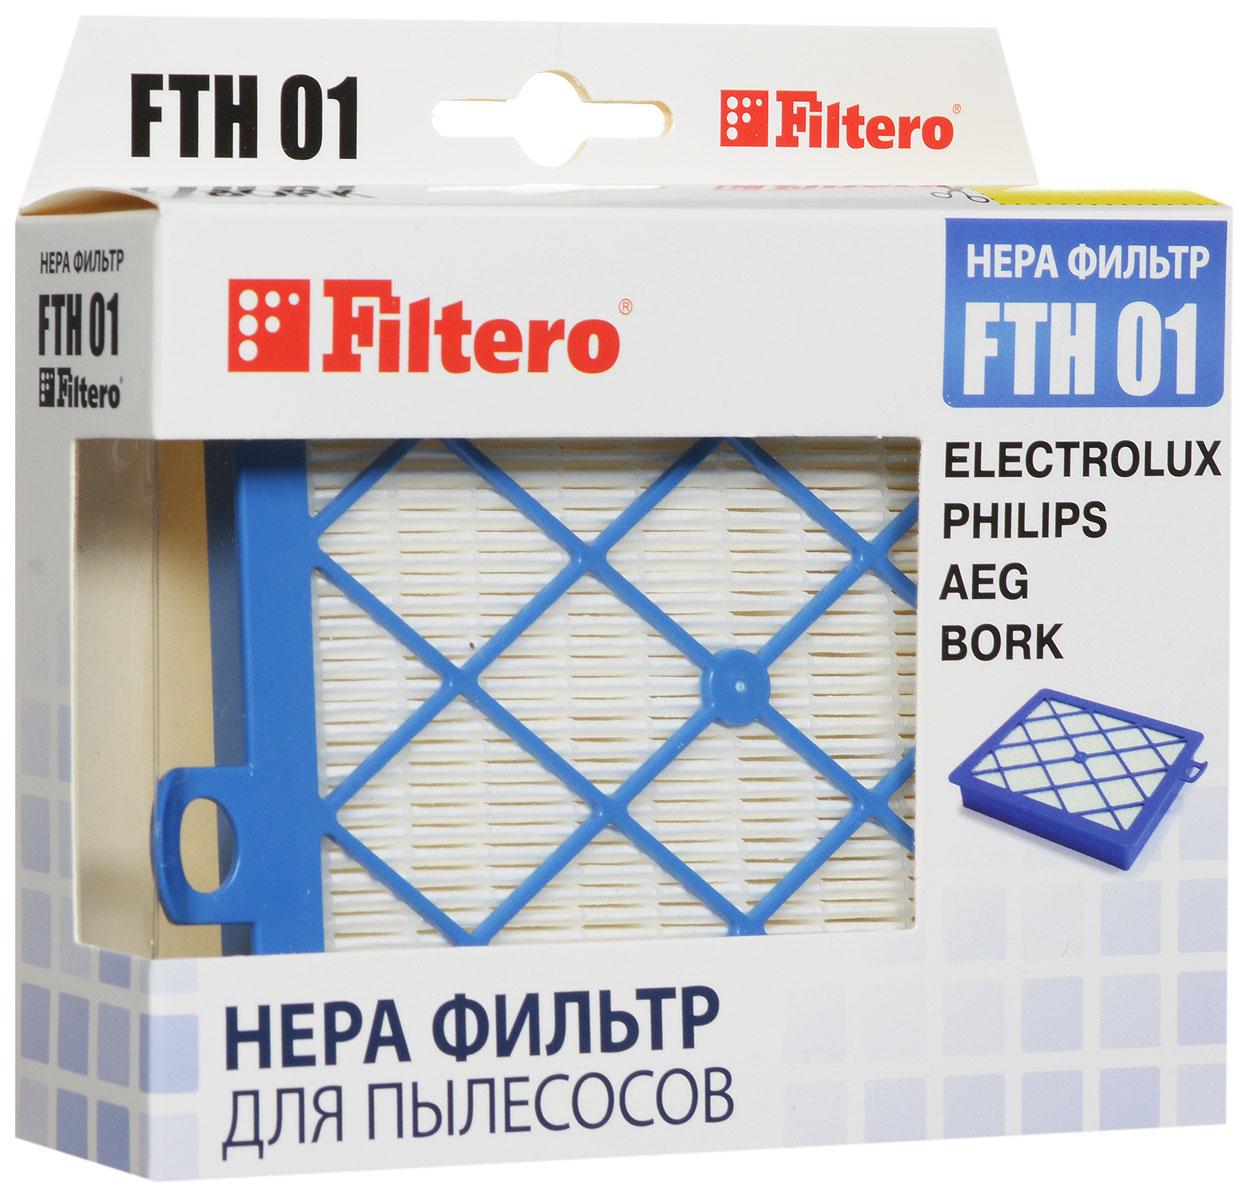 Filtero FTH 01 ELX Hepa-фильтр для Electrolux, PhilipsFTN 08Фильтр Filtero FTH 01 ELX уровня фильтрации НЕРА Н 12 препятствует выходу мельчайших частиц пыли и аллергенов из пылесоса в помещение. Фильтр немоющийся. Подлежит замене, согласно рекомендации производителя пылесосов - не реже одного раза за 6 месяцев.